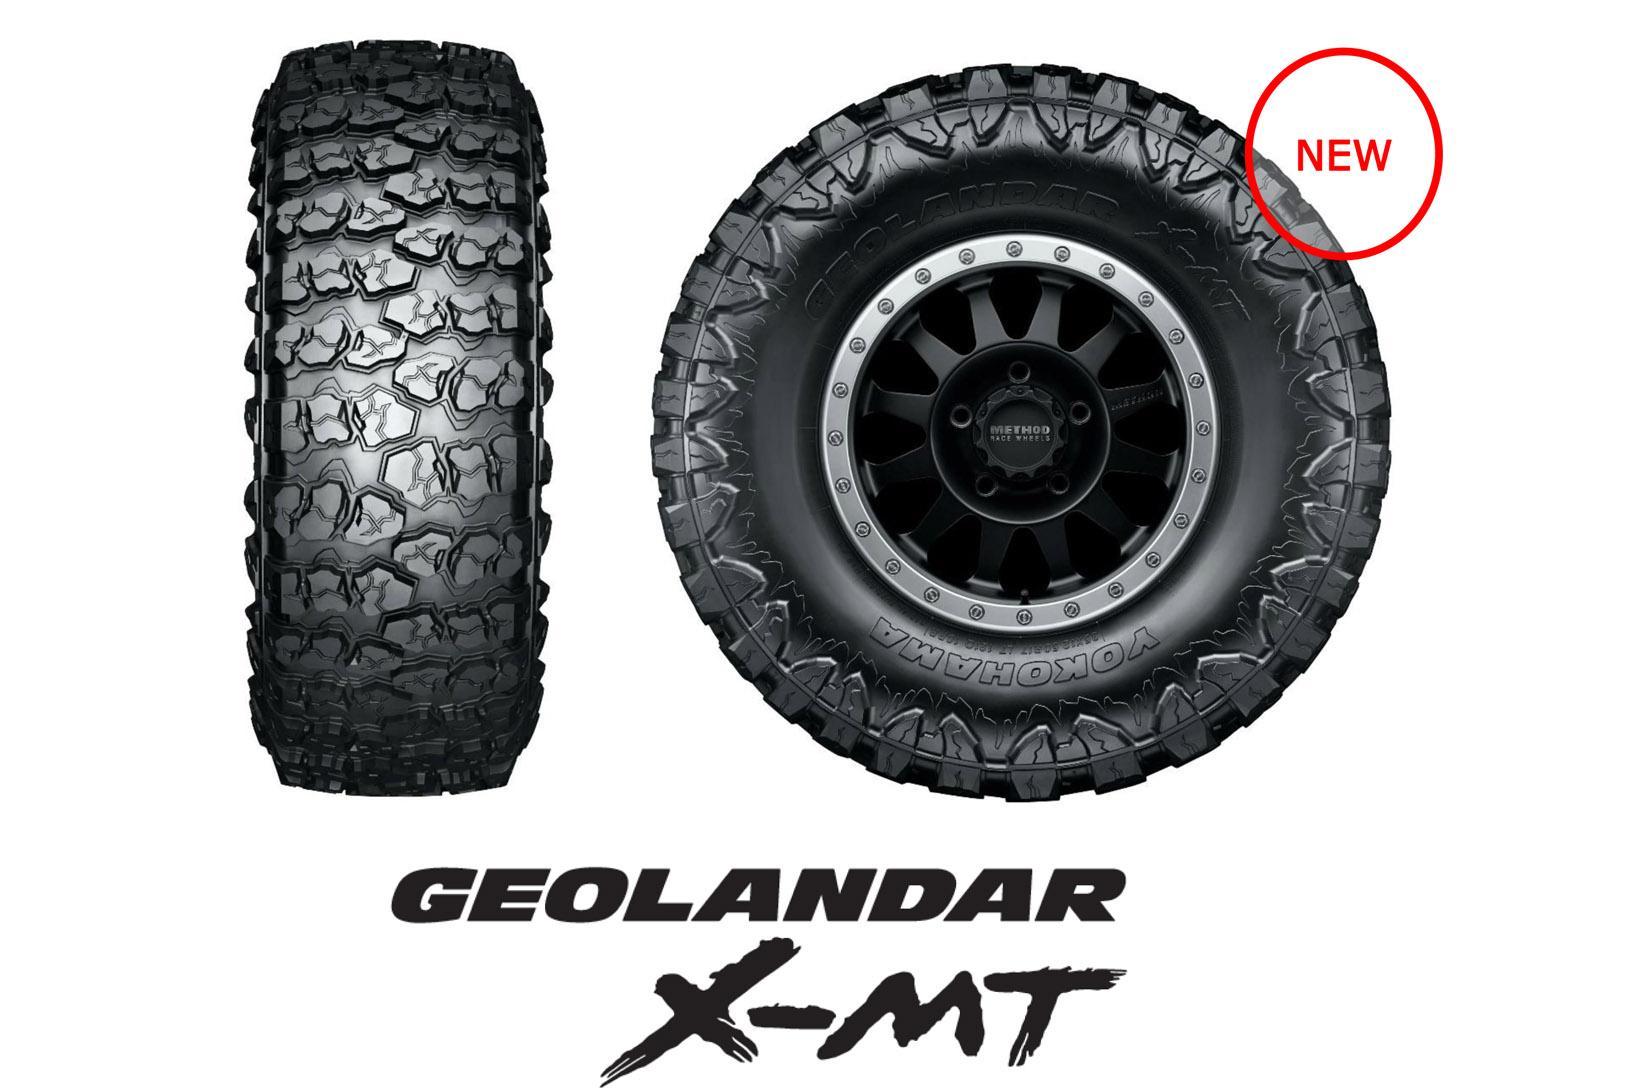 Yokohama представляет в России шину Geolandar X-MT G005 для офф-роуда